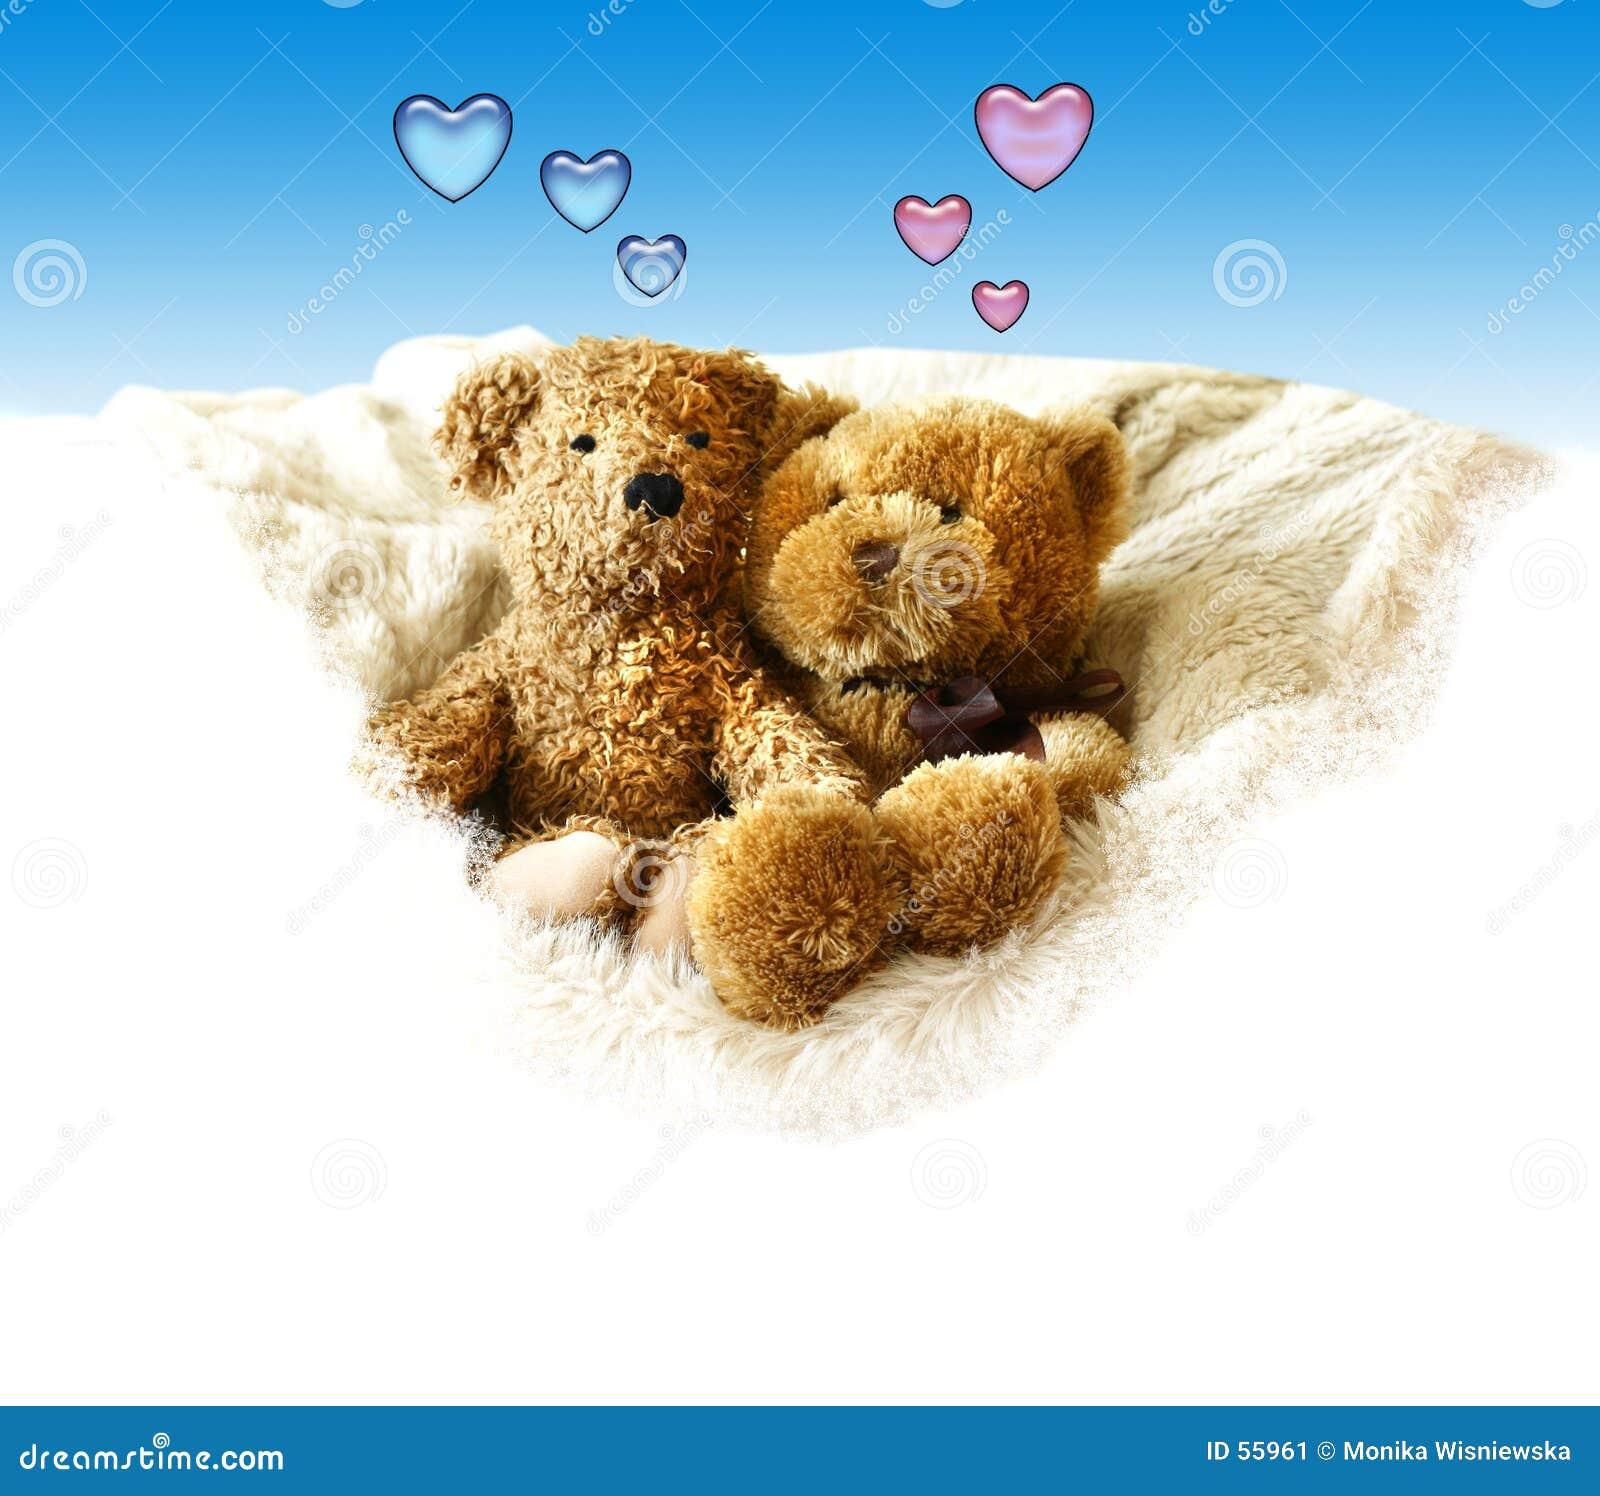 Biglietti di S. Valentino - Teddybears